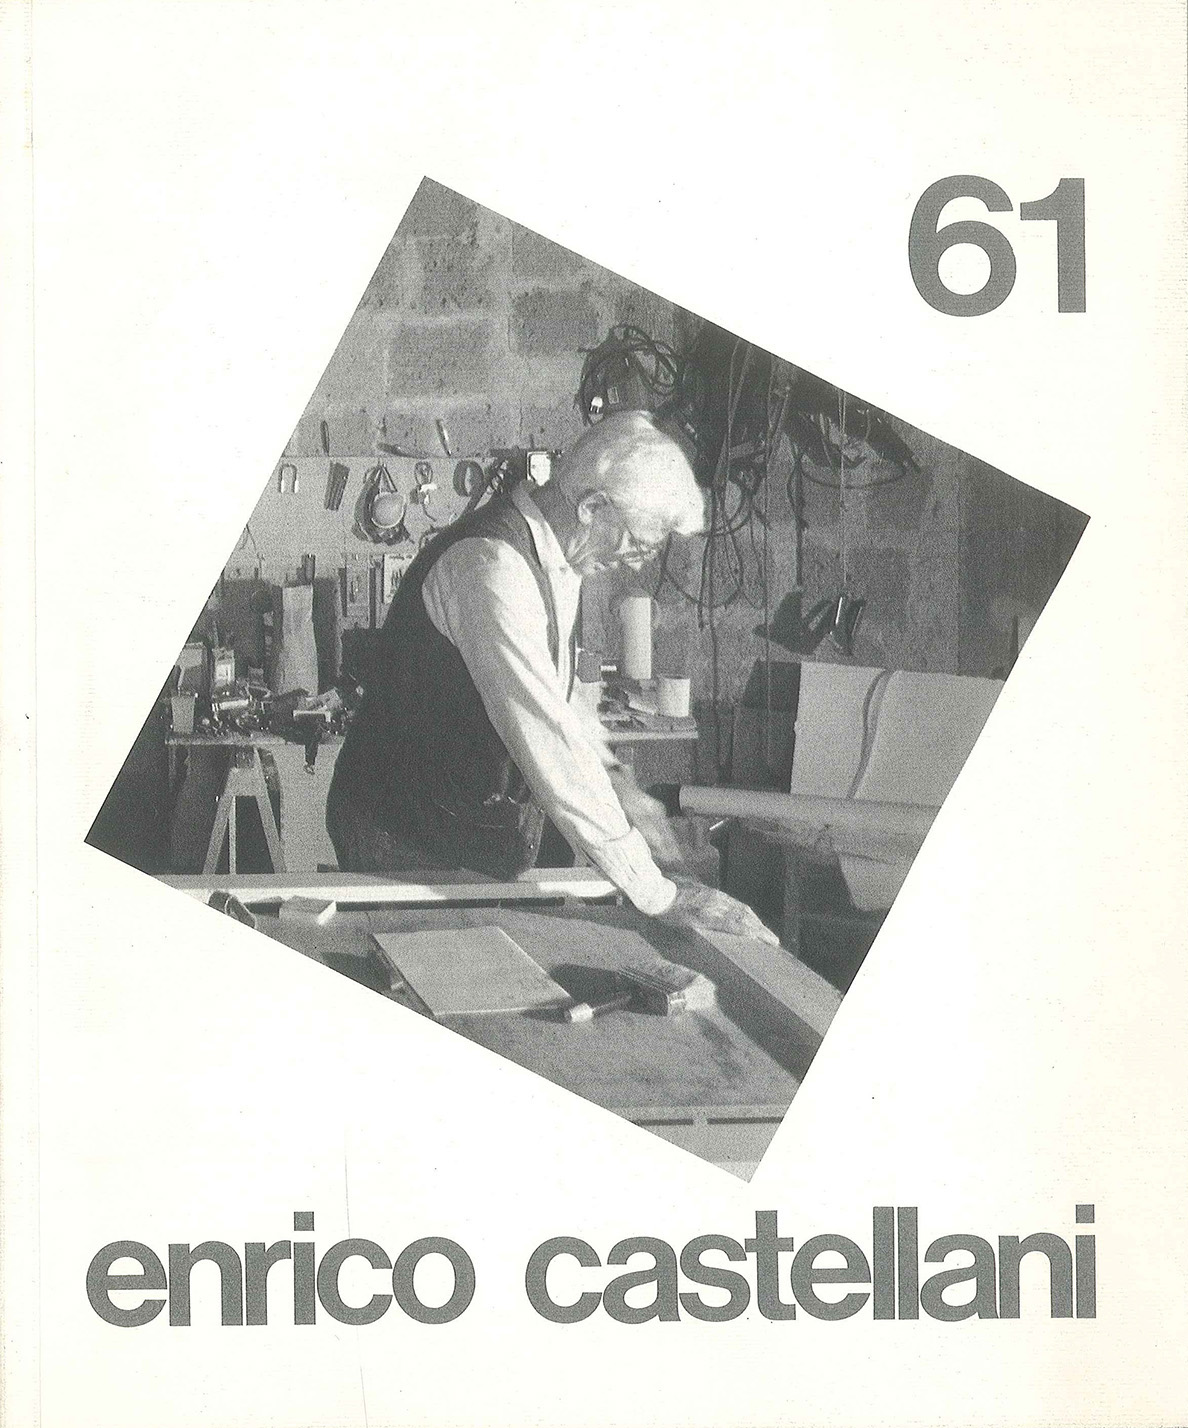 Copertina - Enrico Castellani, Walter Guadagnini, Gillo Dorfles, Adachiara Zevi, 1991, Lorenzelli Arte,Milano